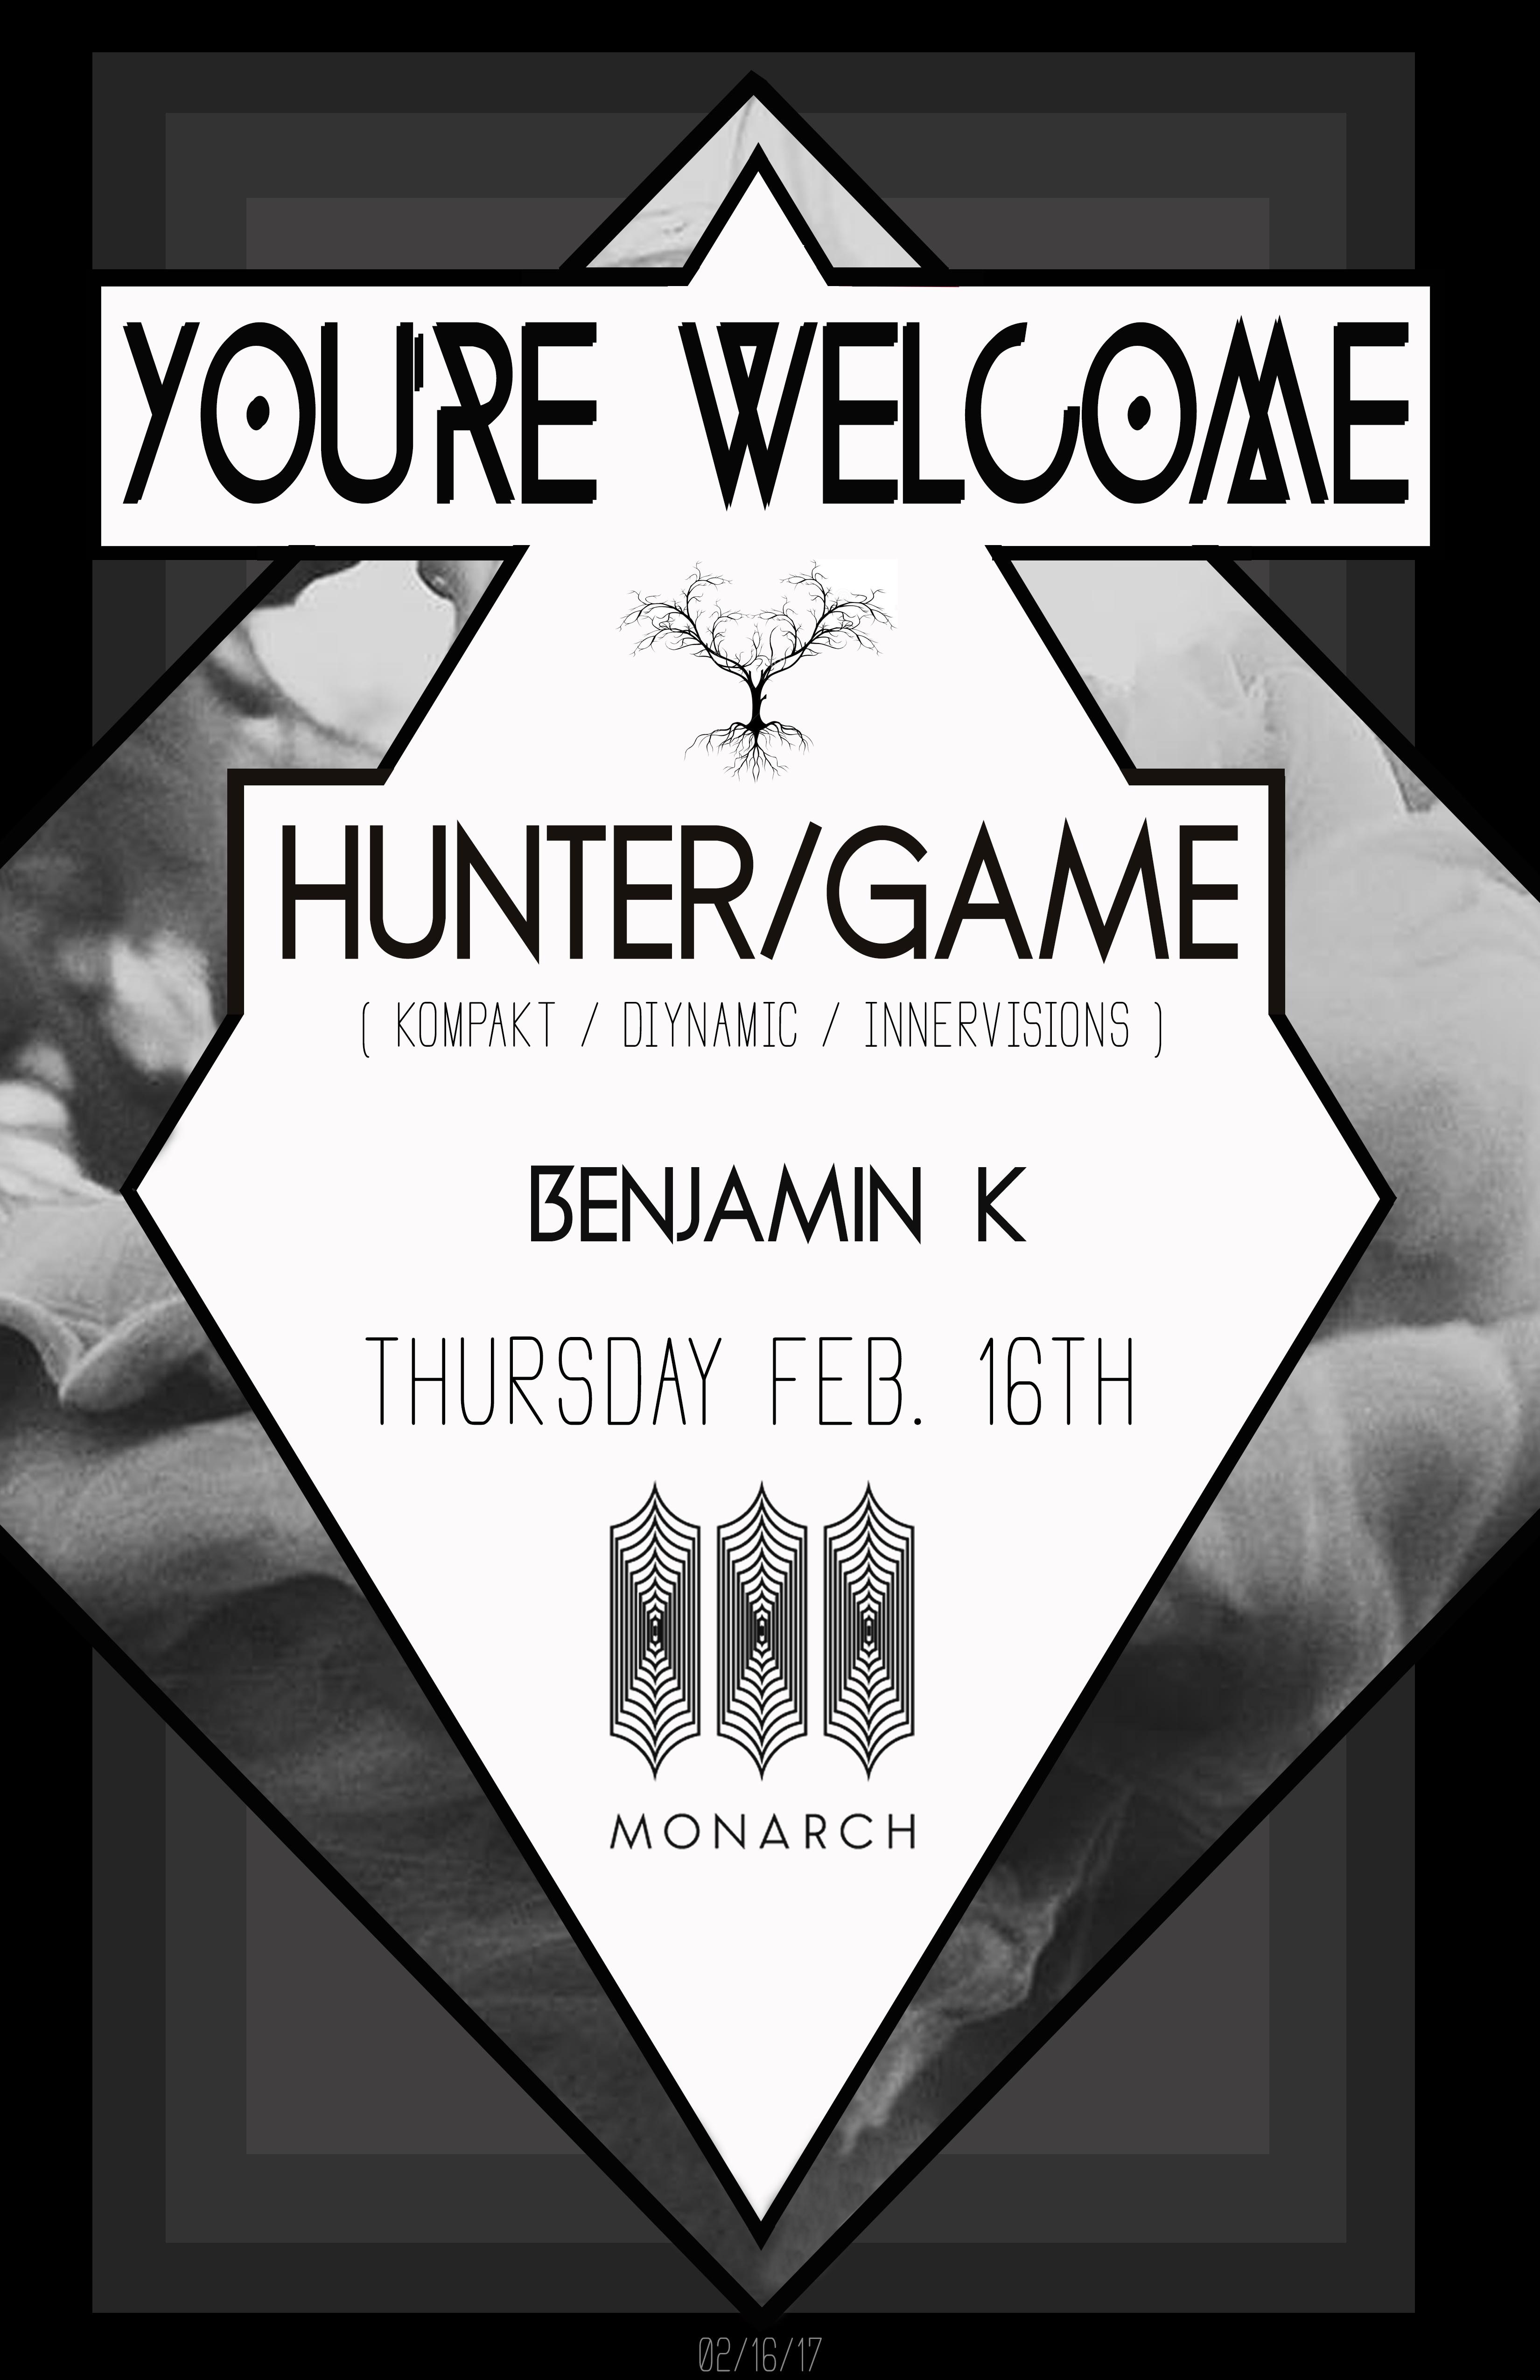 YW-HunterGame-2-16-17